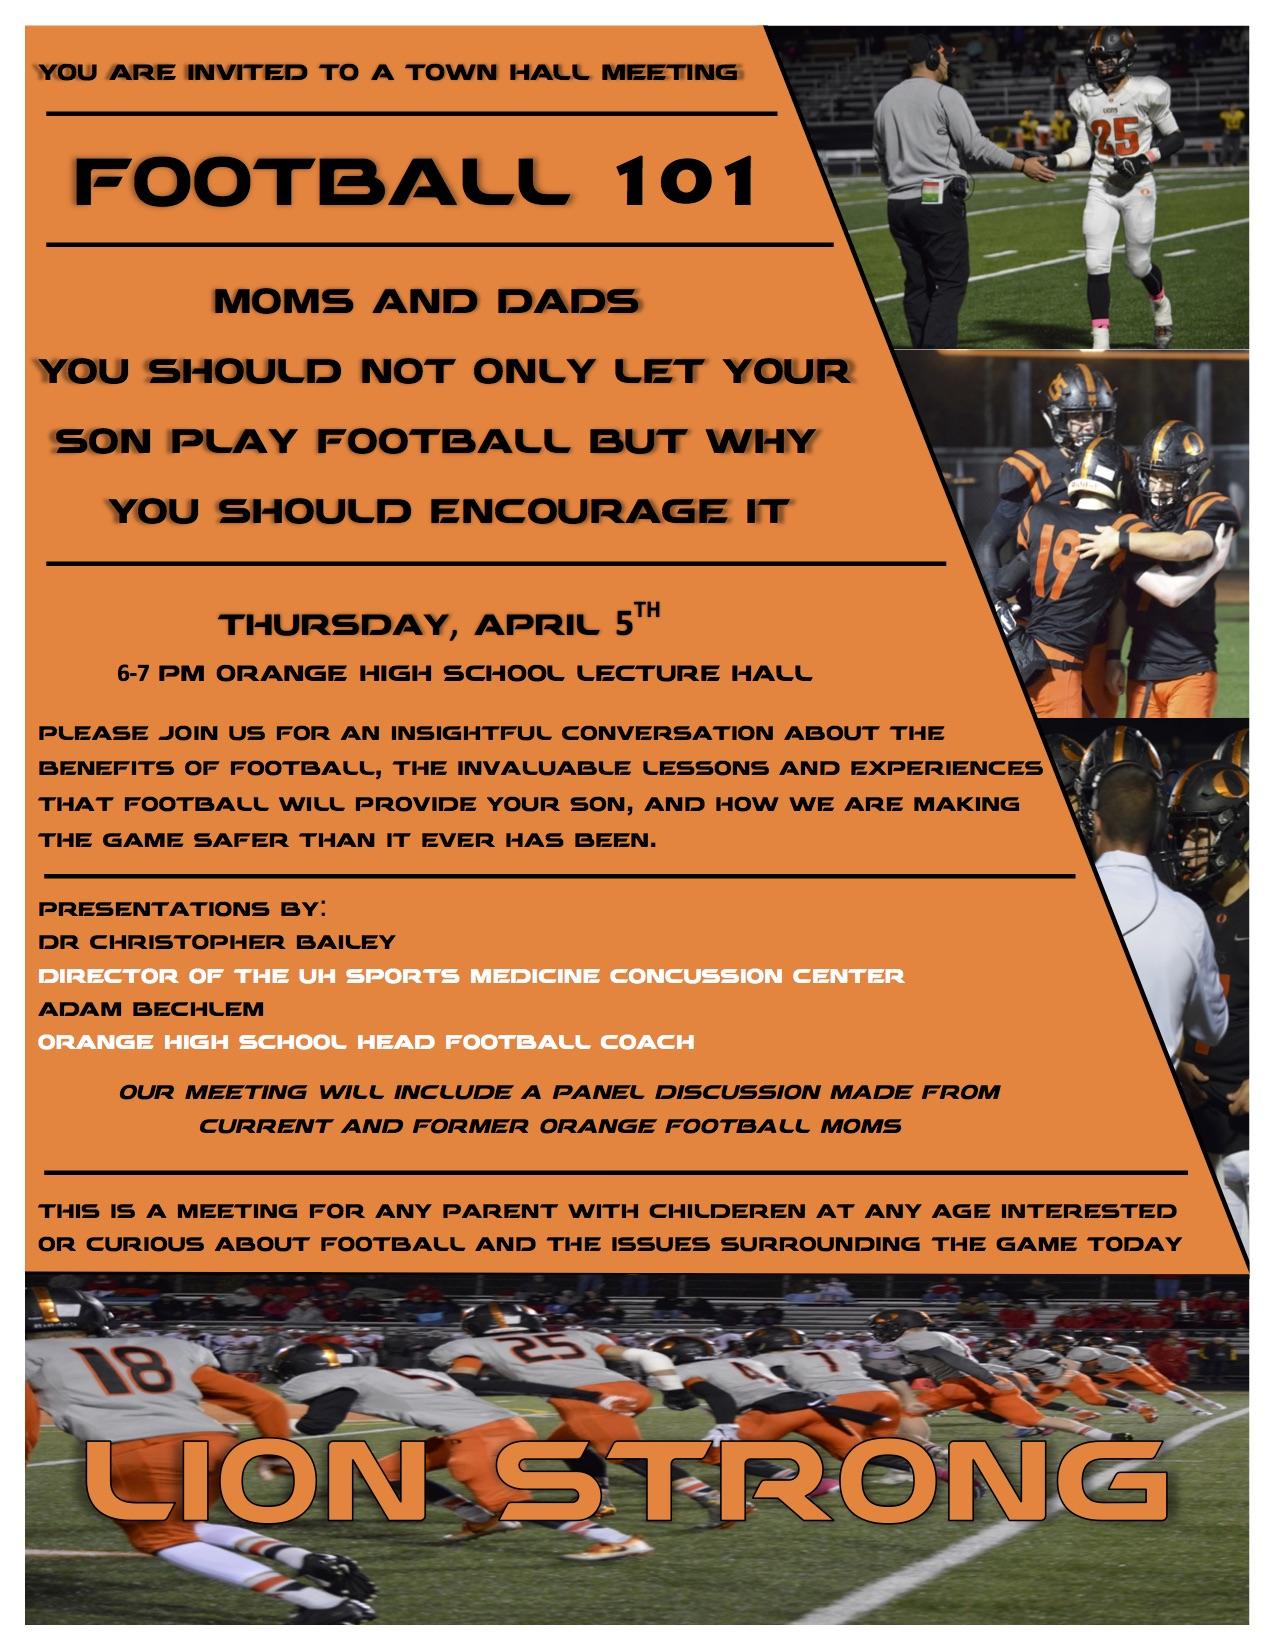 Football 101 flyer